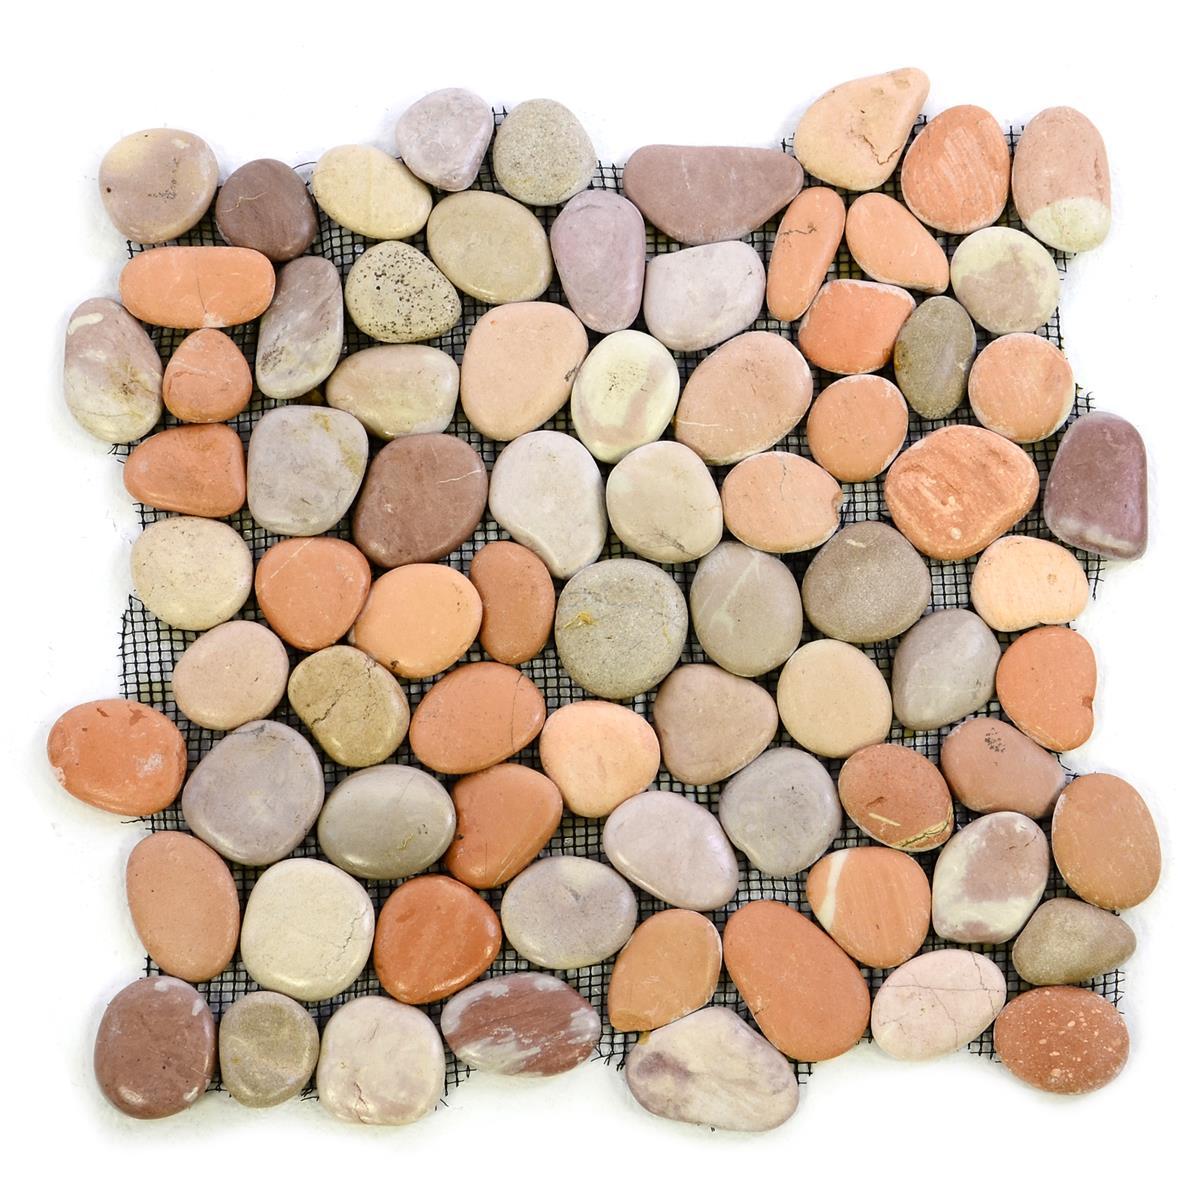 DIVERO 1 Fliesenmatte Naturstein Flussstein Mosaikfliese terrakotta 32 x 32 cm